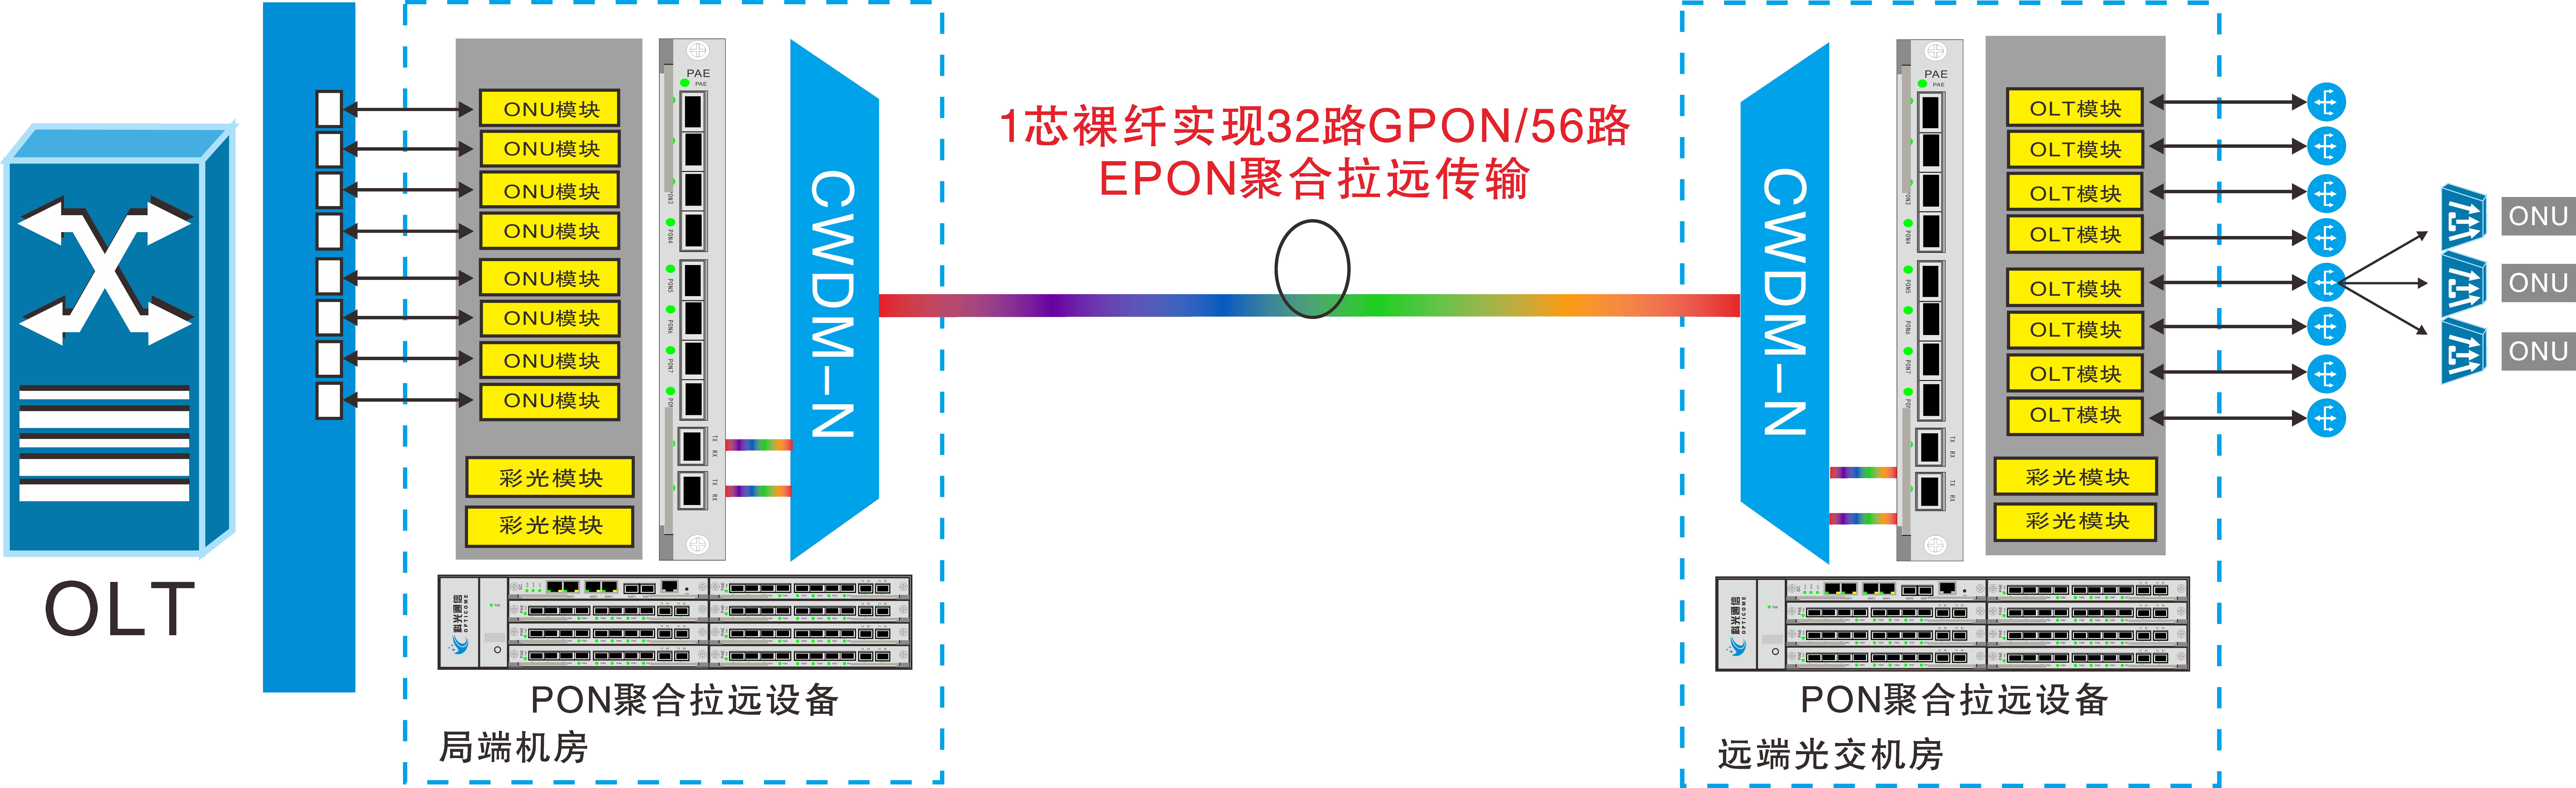 pon聚合拉远2u的副本